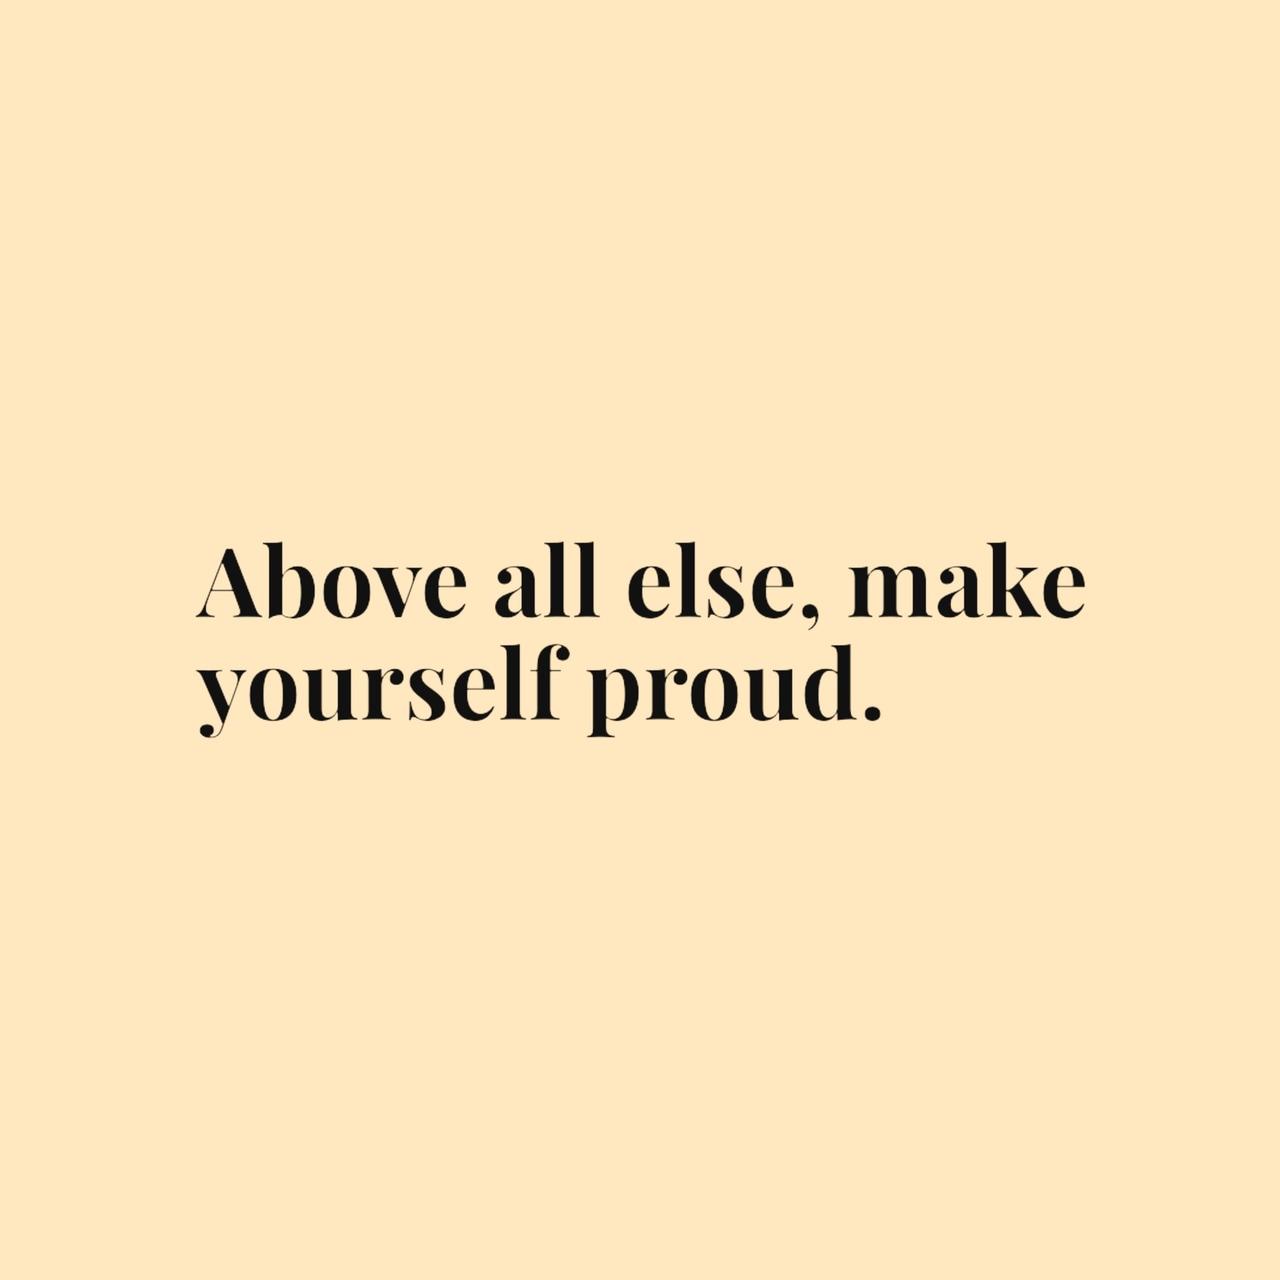 advice, self-esteem, and article image